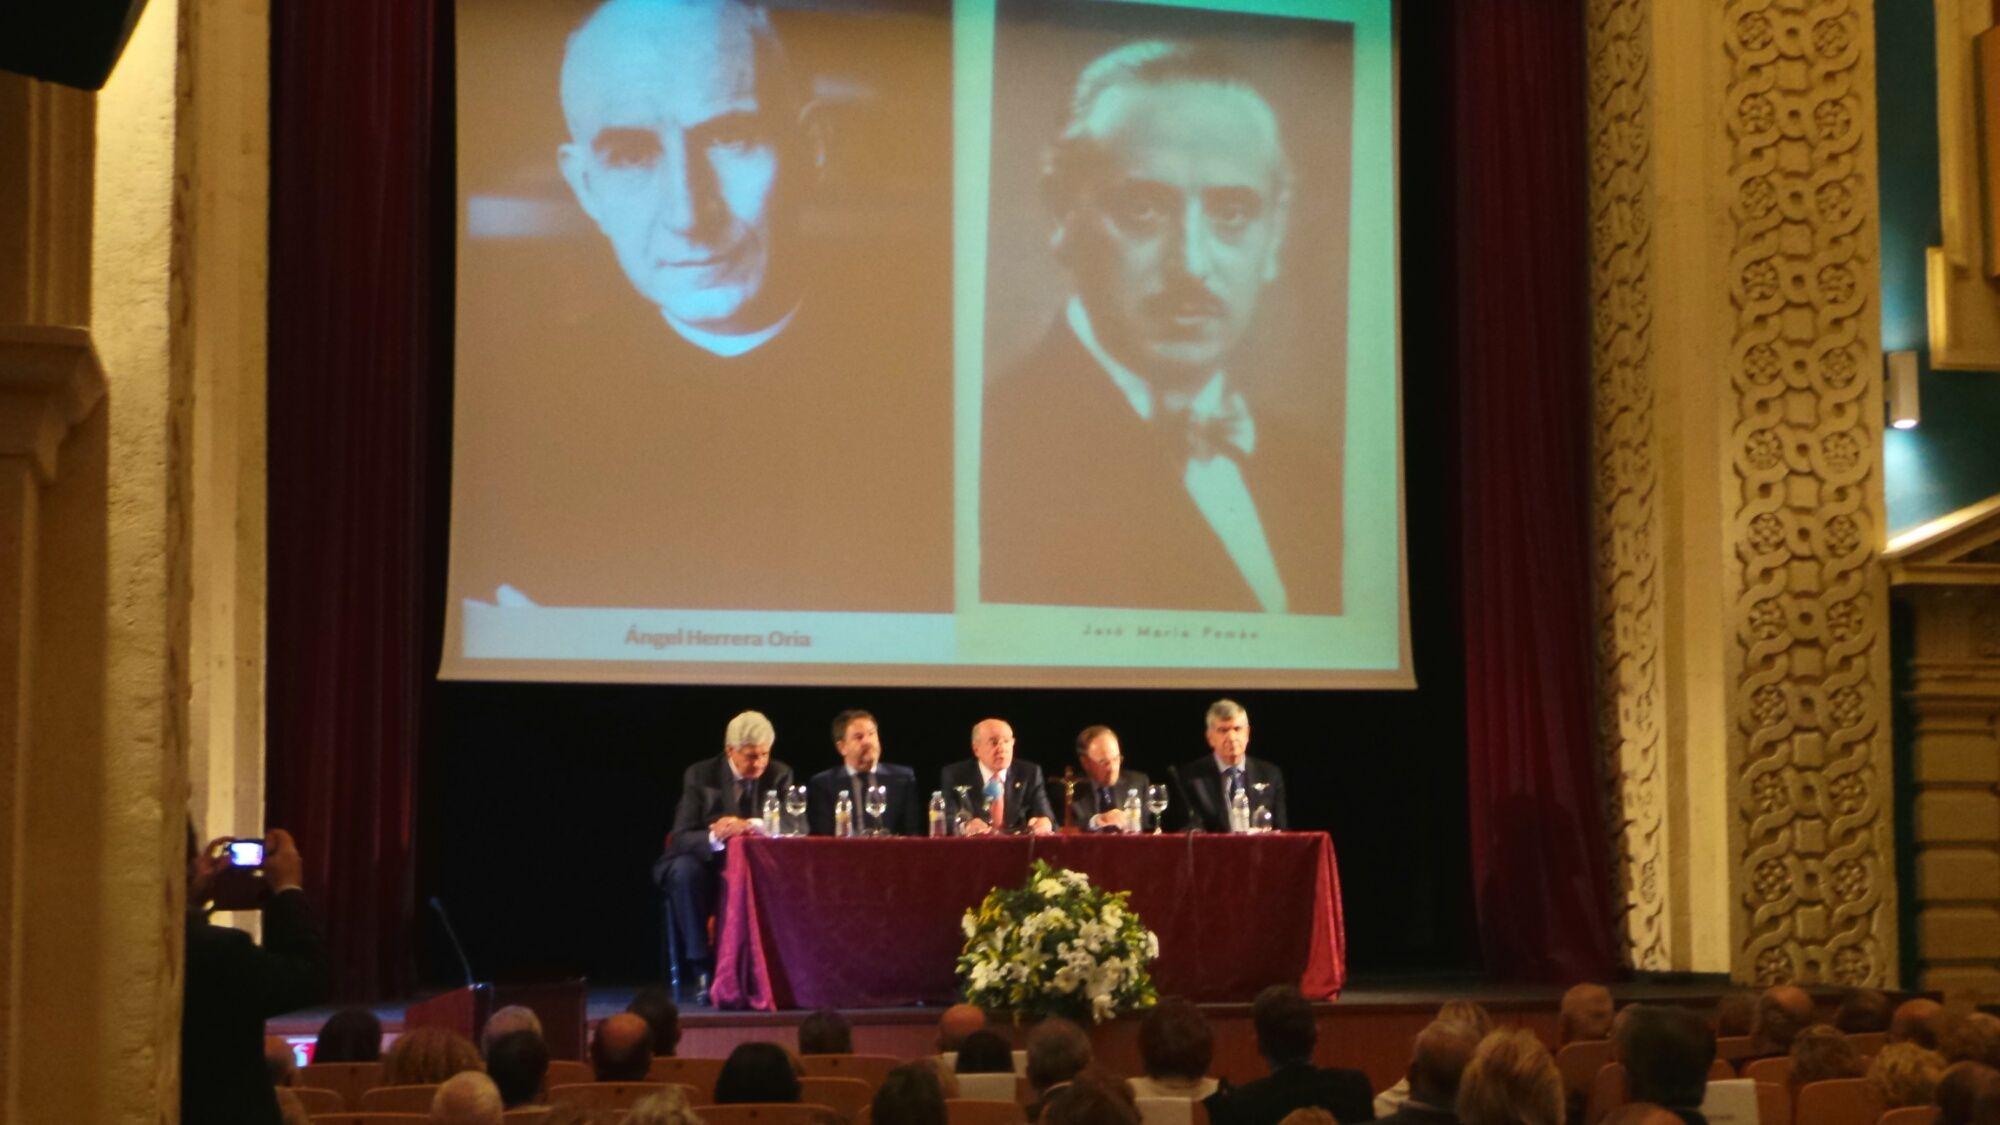 Los ponentes en el homenaje a José María Pemán.